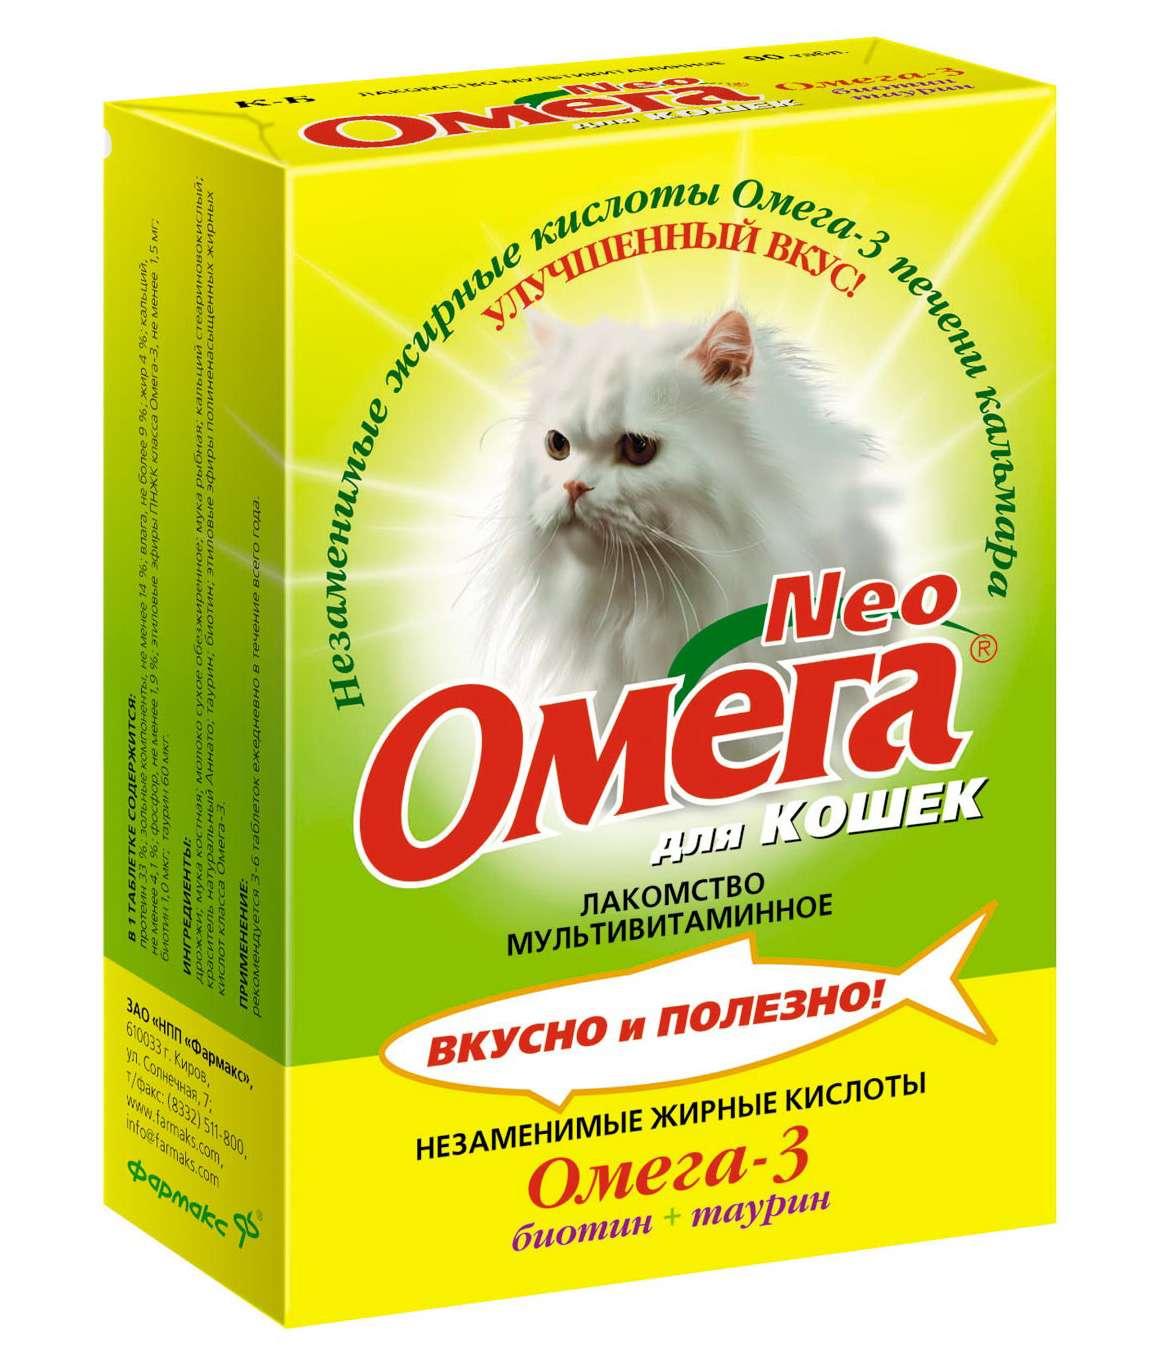 Таурин для кошек: применение и польза вещества для здорового образа жизни животного